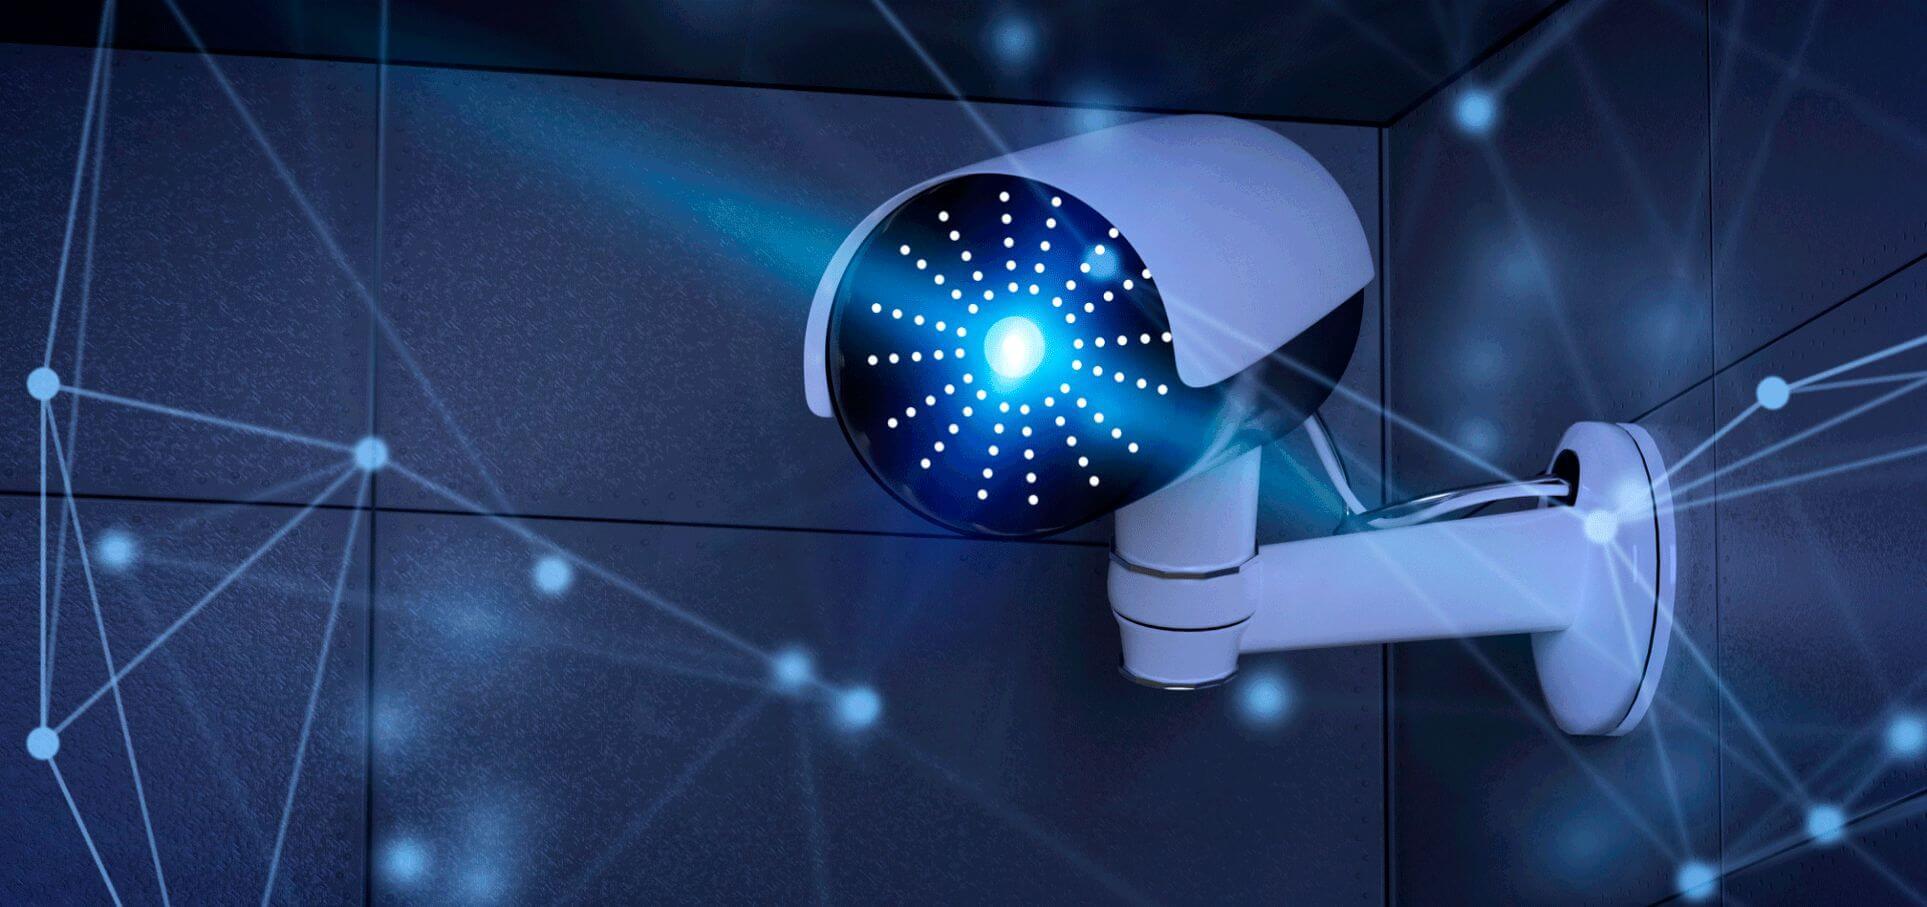 tecnologia - Monitoramento de câmeras